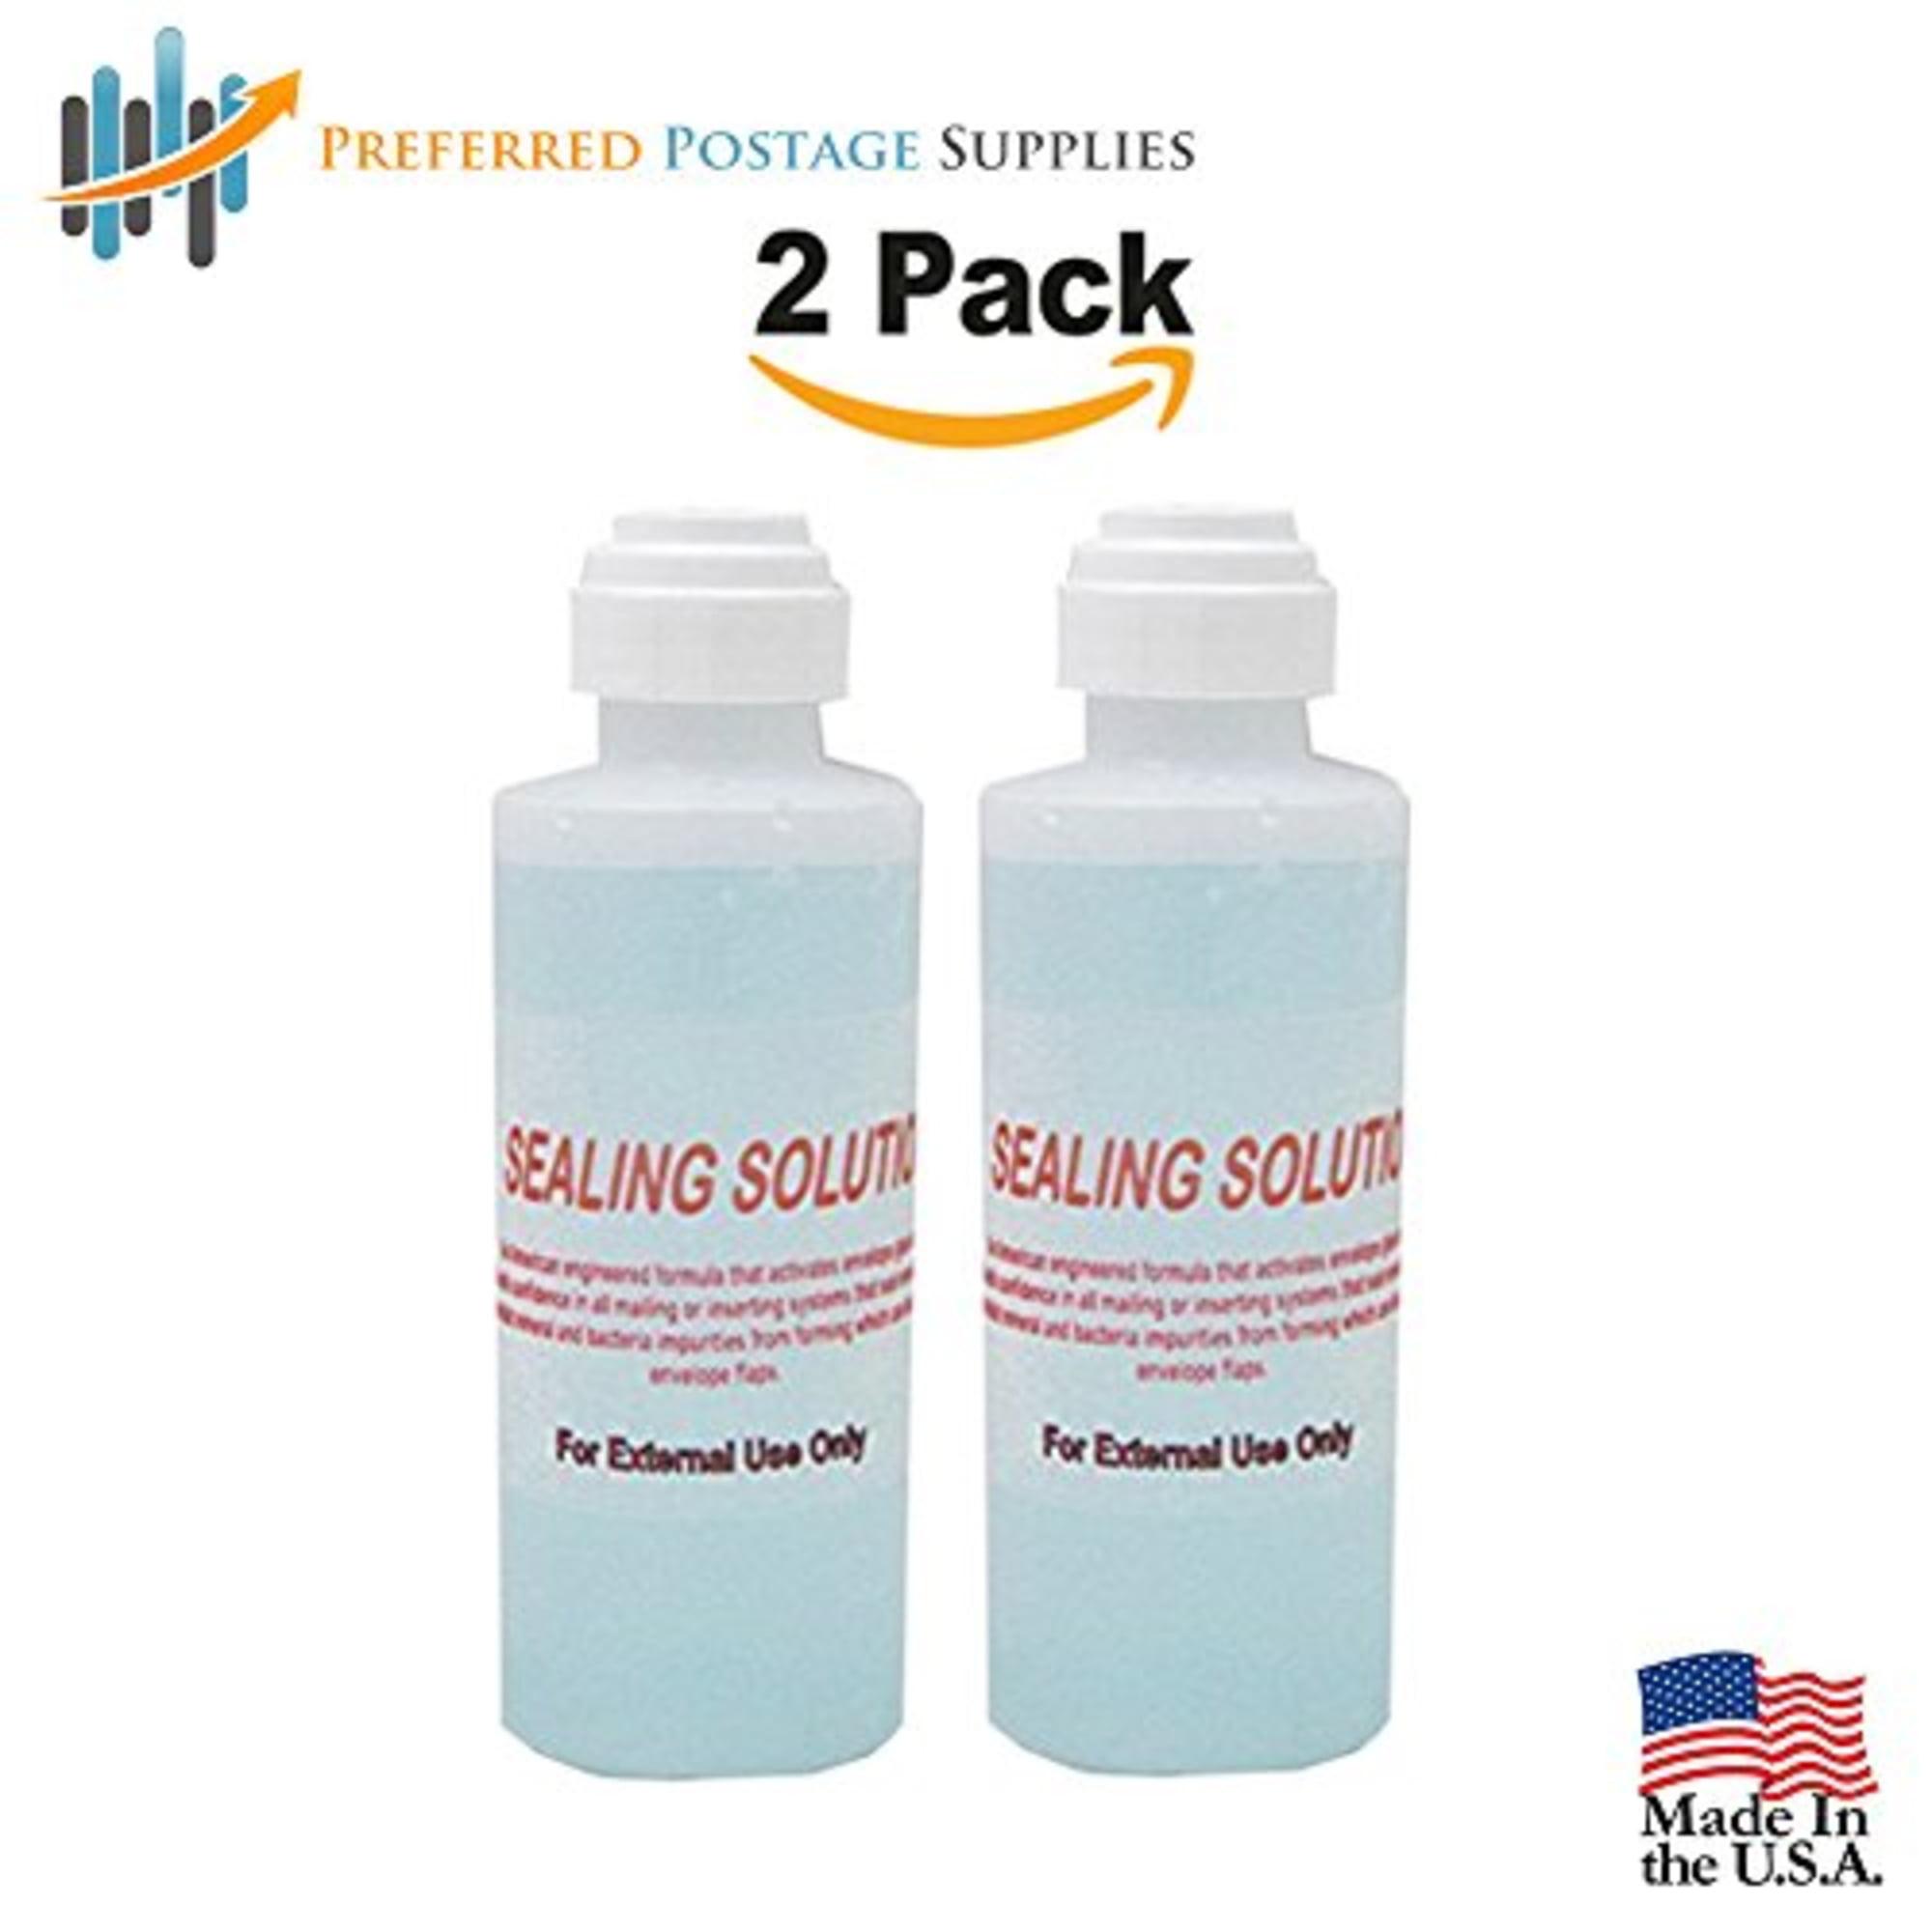 (Money Saver 2-Pack) Envelope Moistner (240 ML) (7200 Envelopes) E-Z Seal Compatible 4 oz. Dabber bottle of sealing solution Pitney Bowes Sealing Solution 601-7 Postage Stamp Envelope Seal